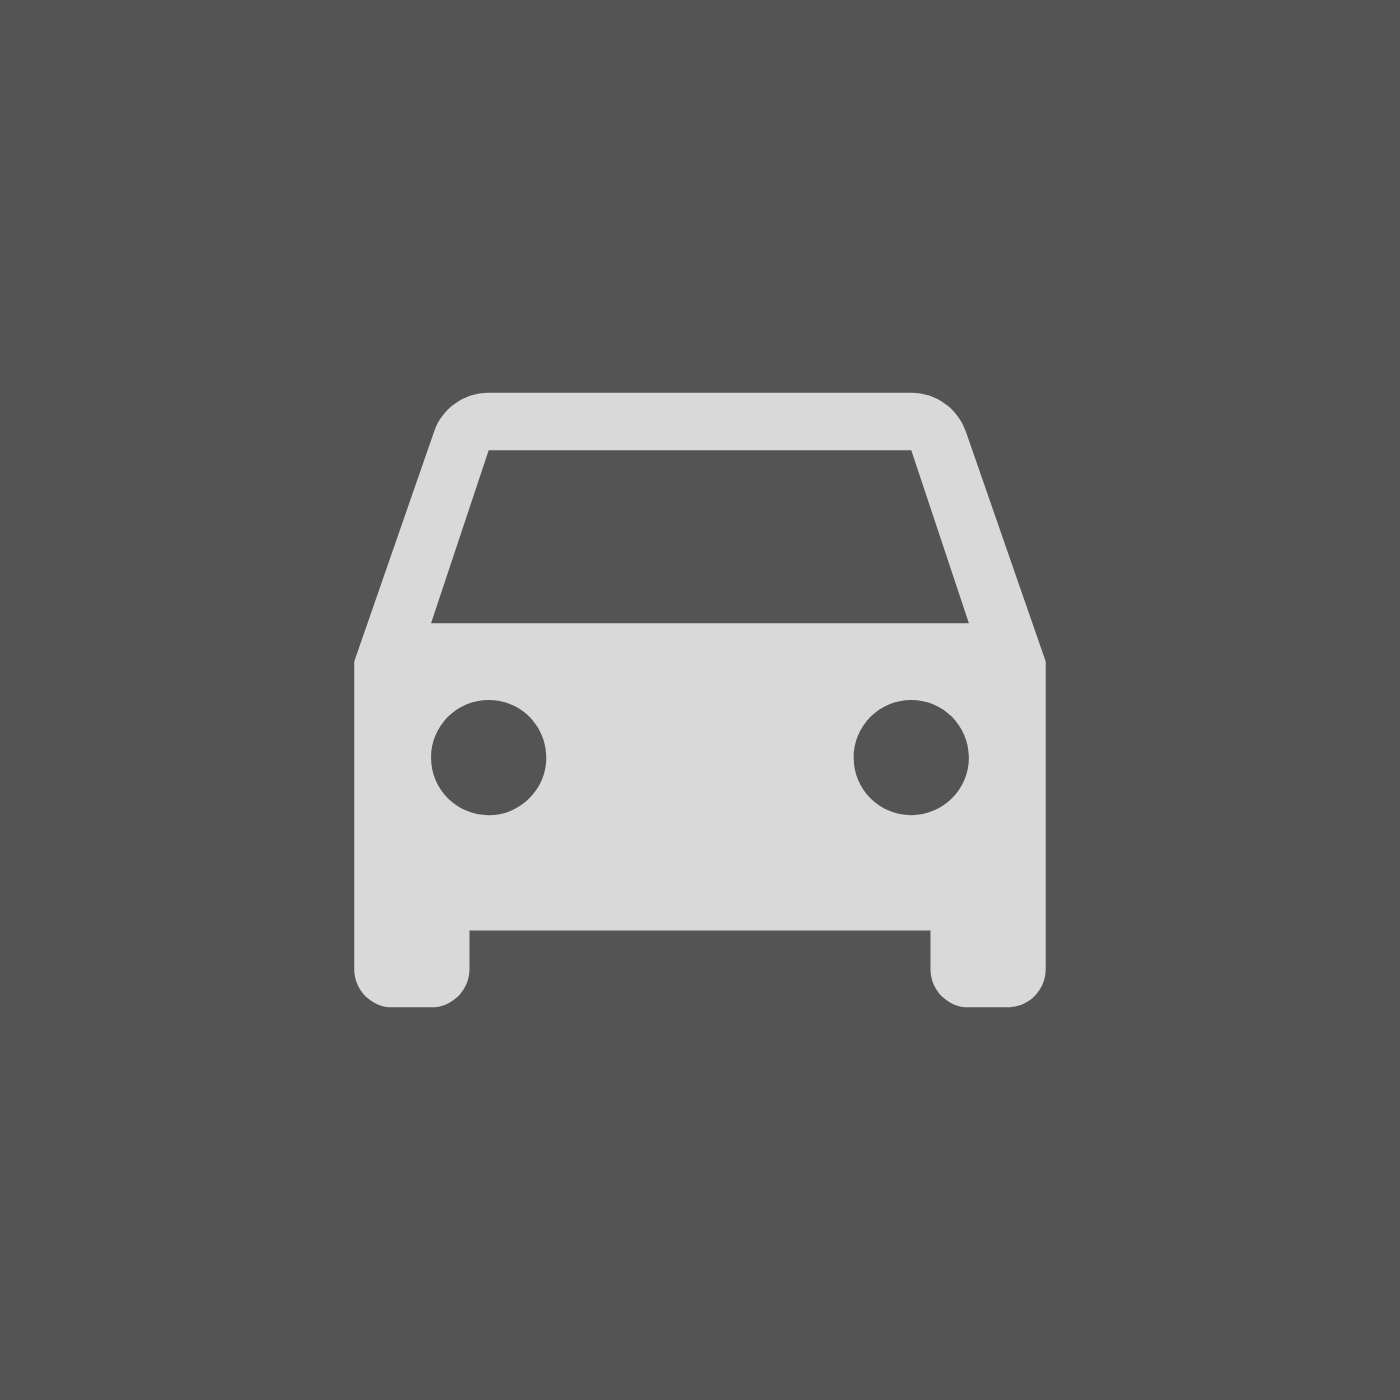 NDA Car Brands